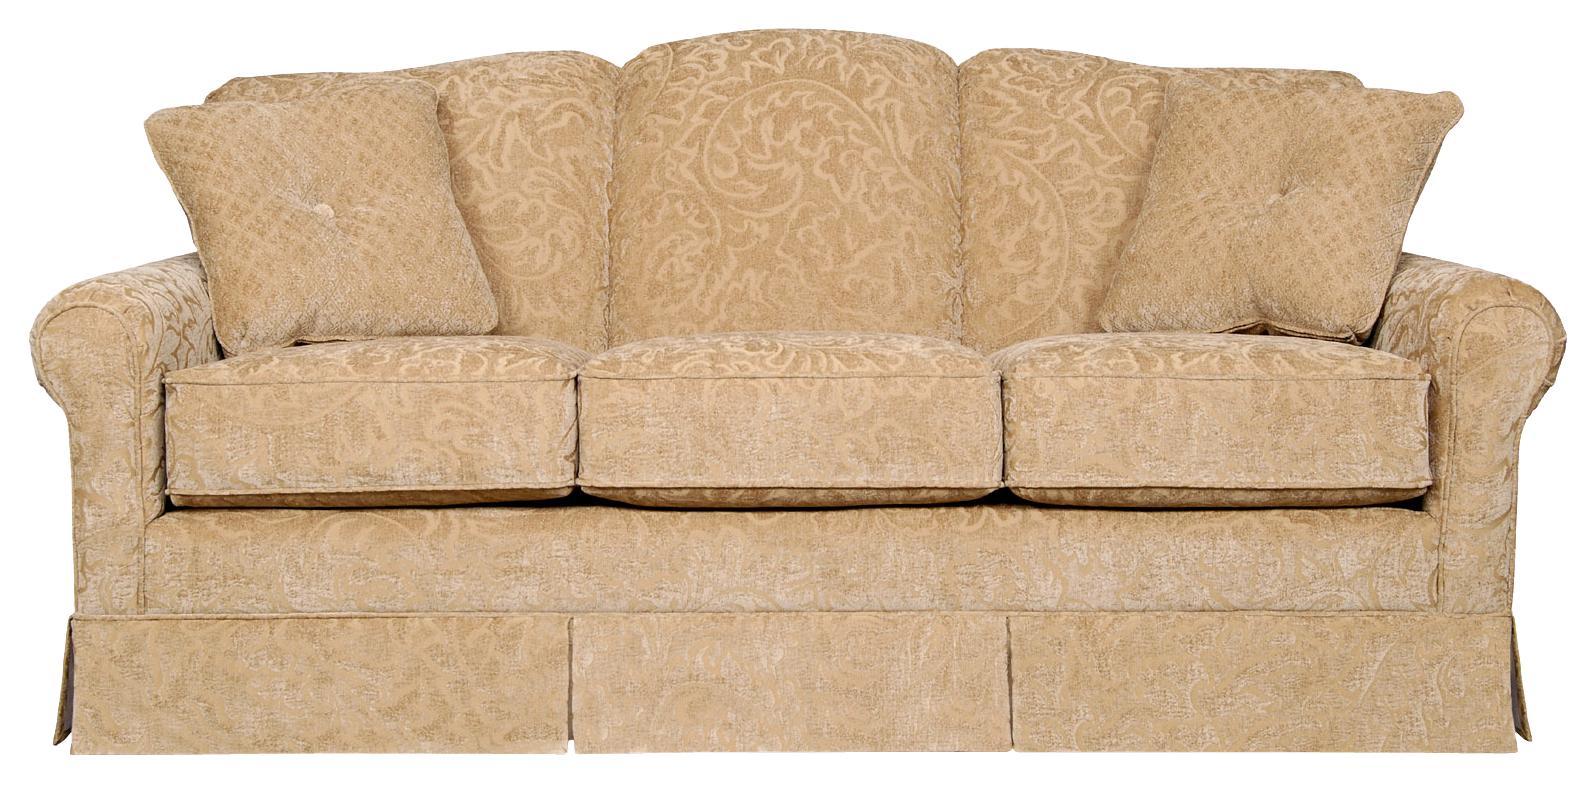 England Charleston Sofa Sleeper - Item Number: 3109